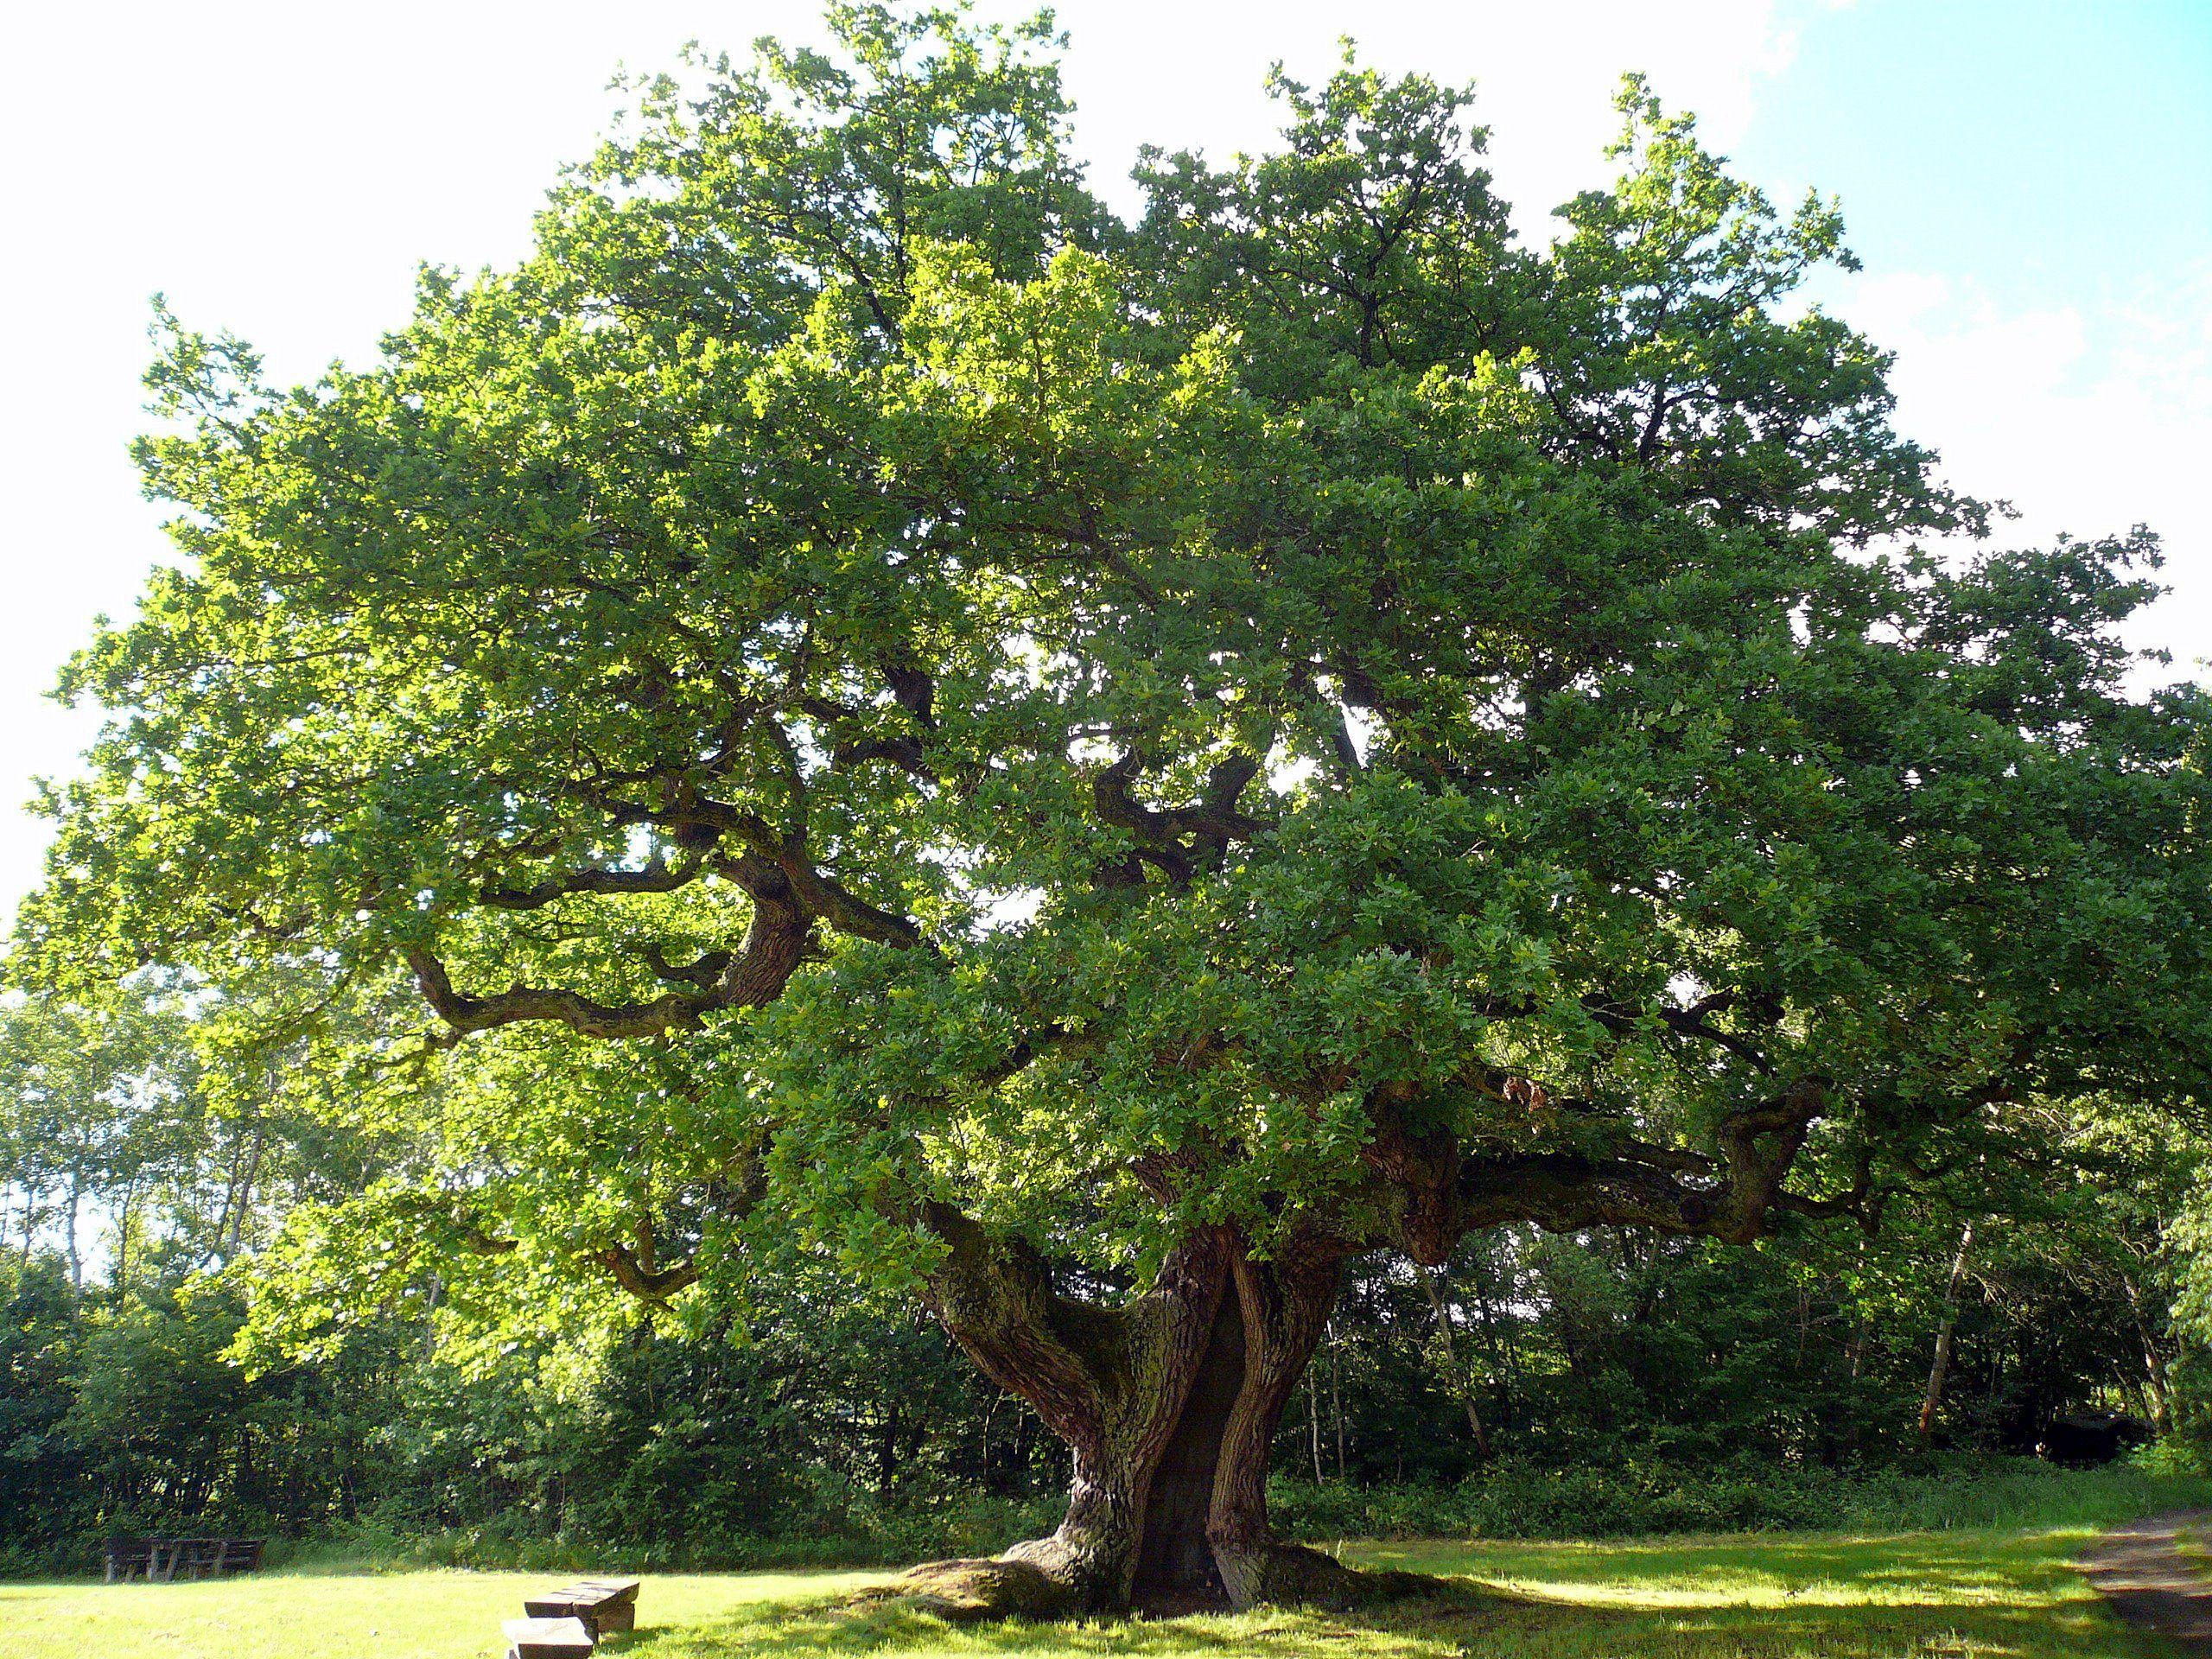 Tausendjahrige Eiche Bei Reith Google Suche Baum Fotografie Eiche Baum Pflanzen